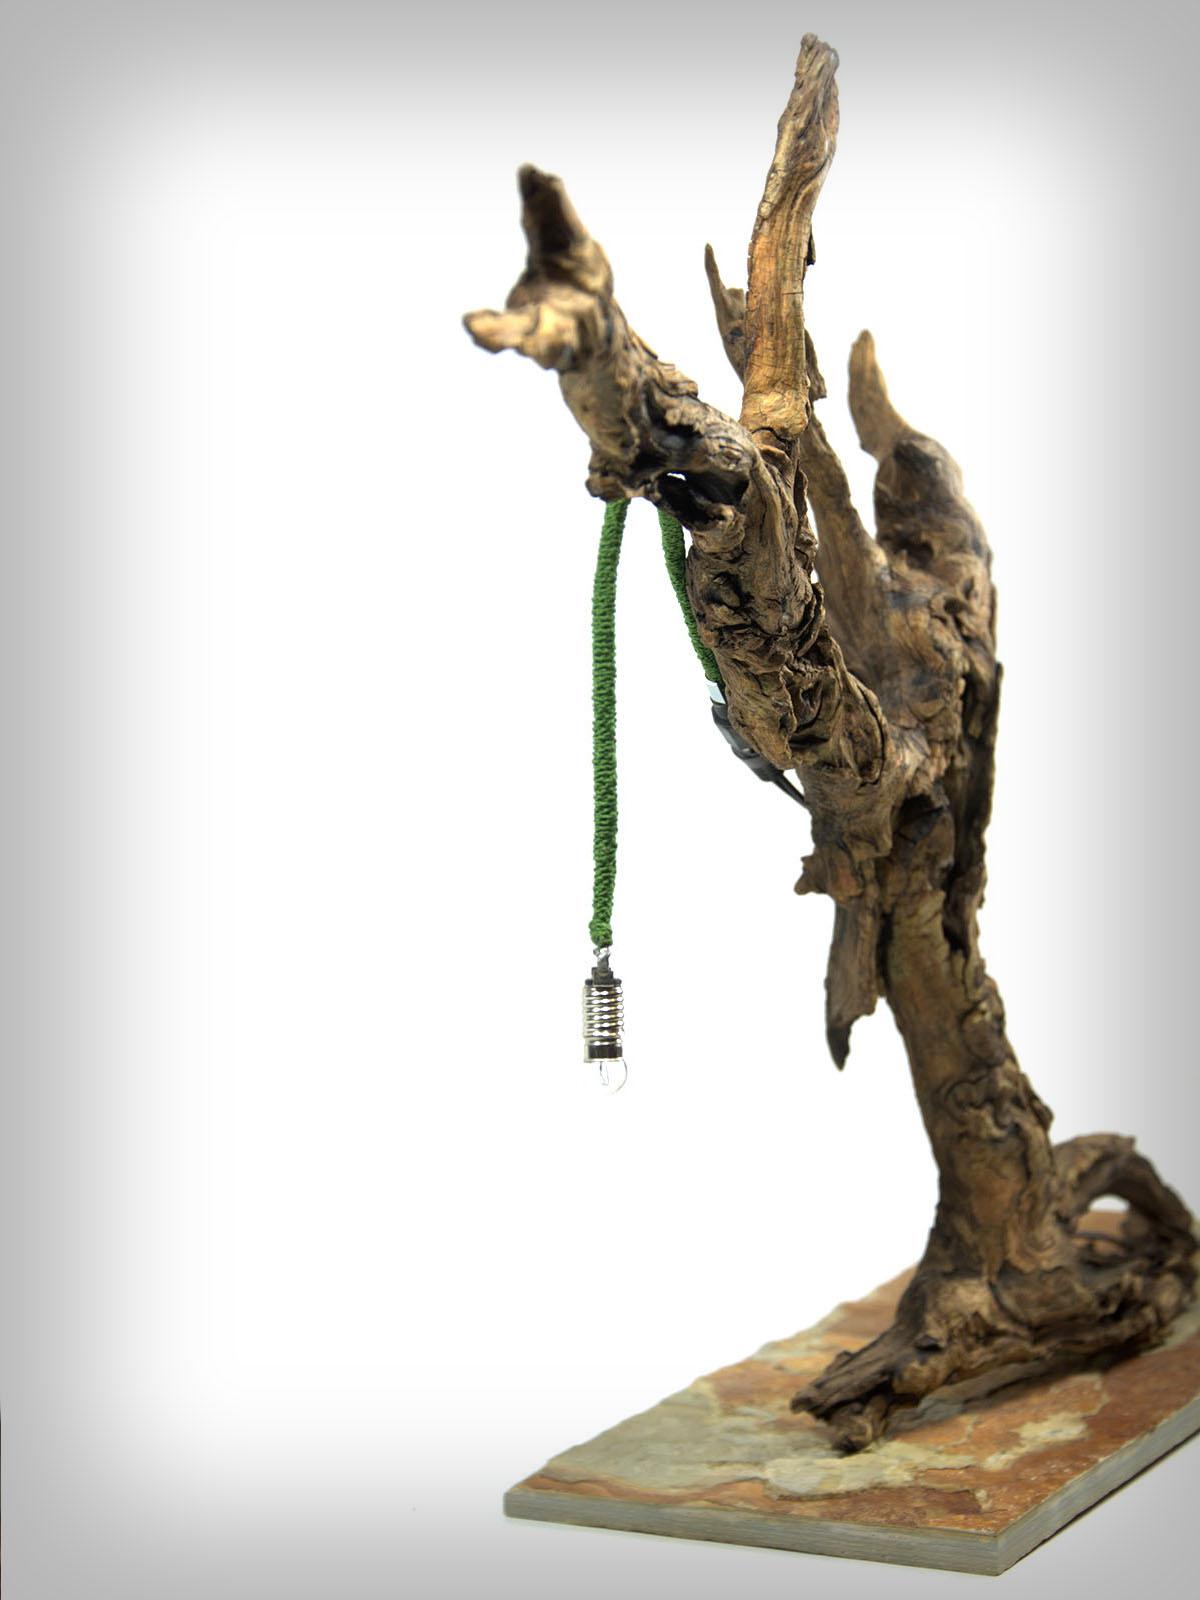 Staro drevo